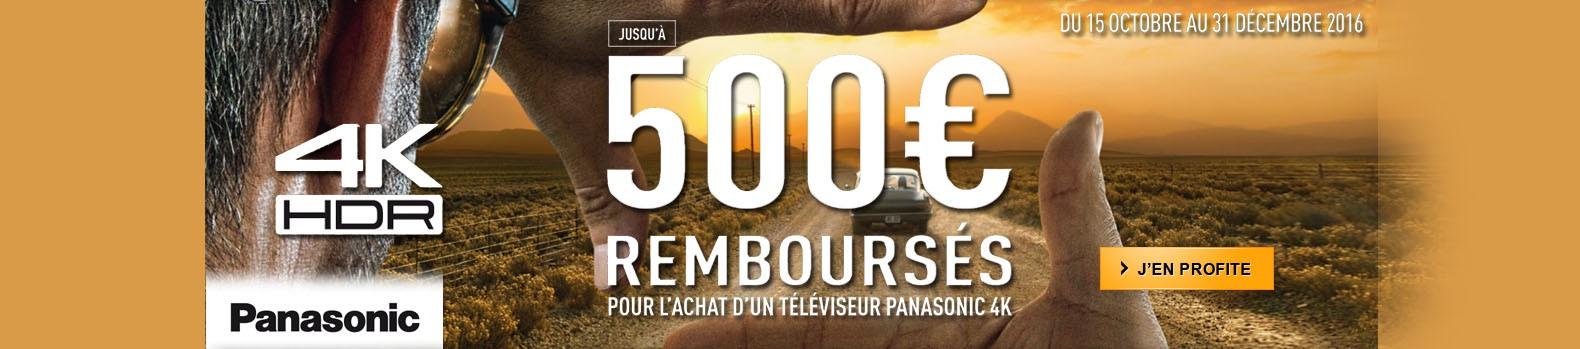 Jusqu'à 500€ remboursés pour l'achat d'un téléviseur 4K Panasonic